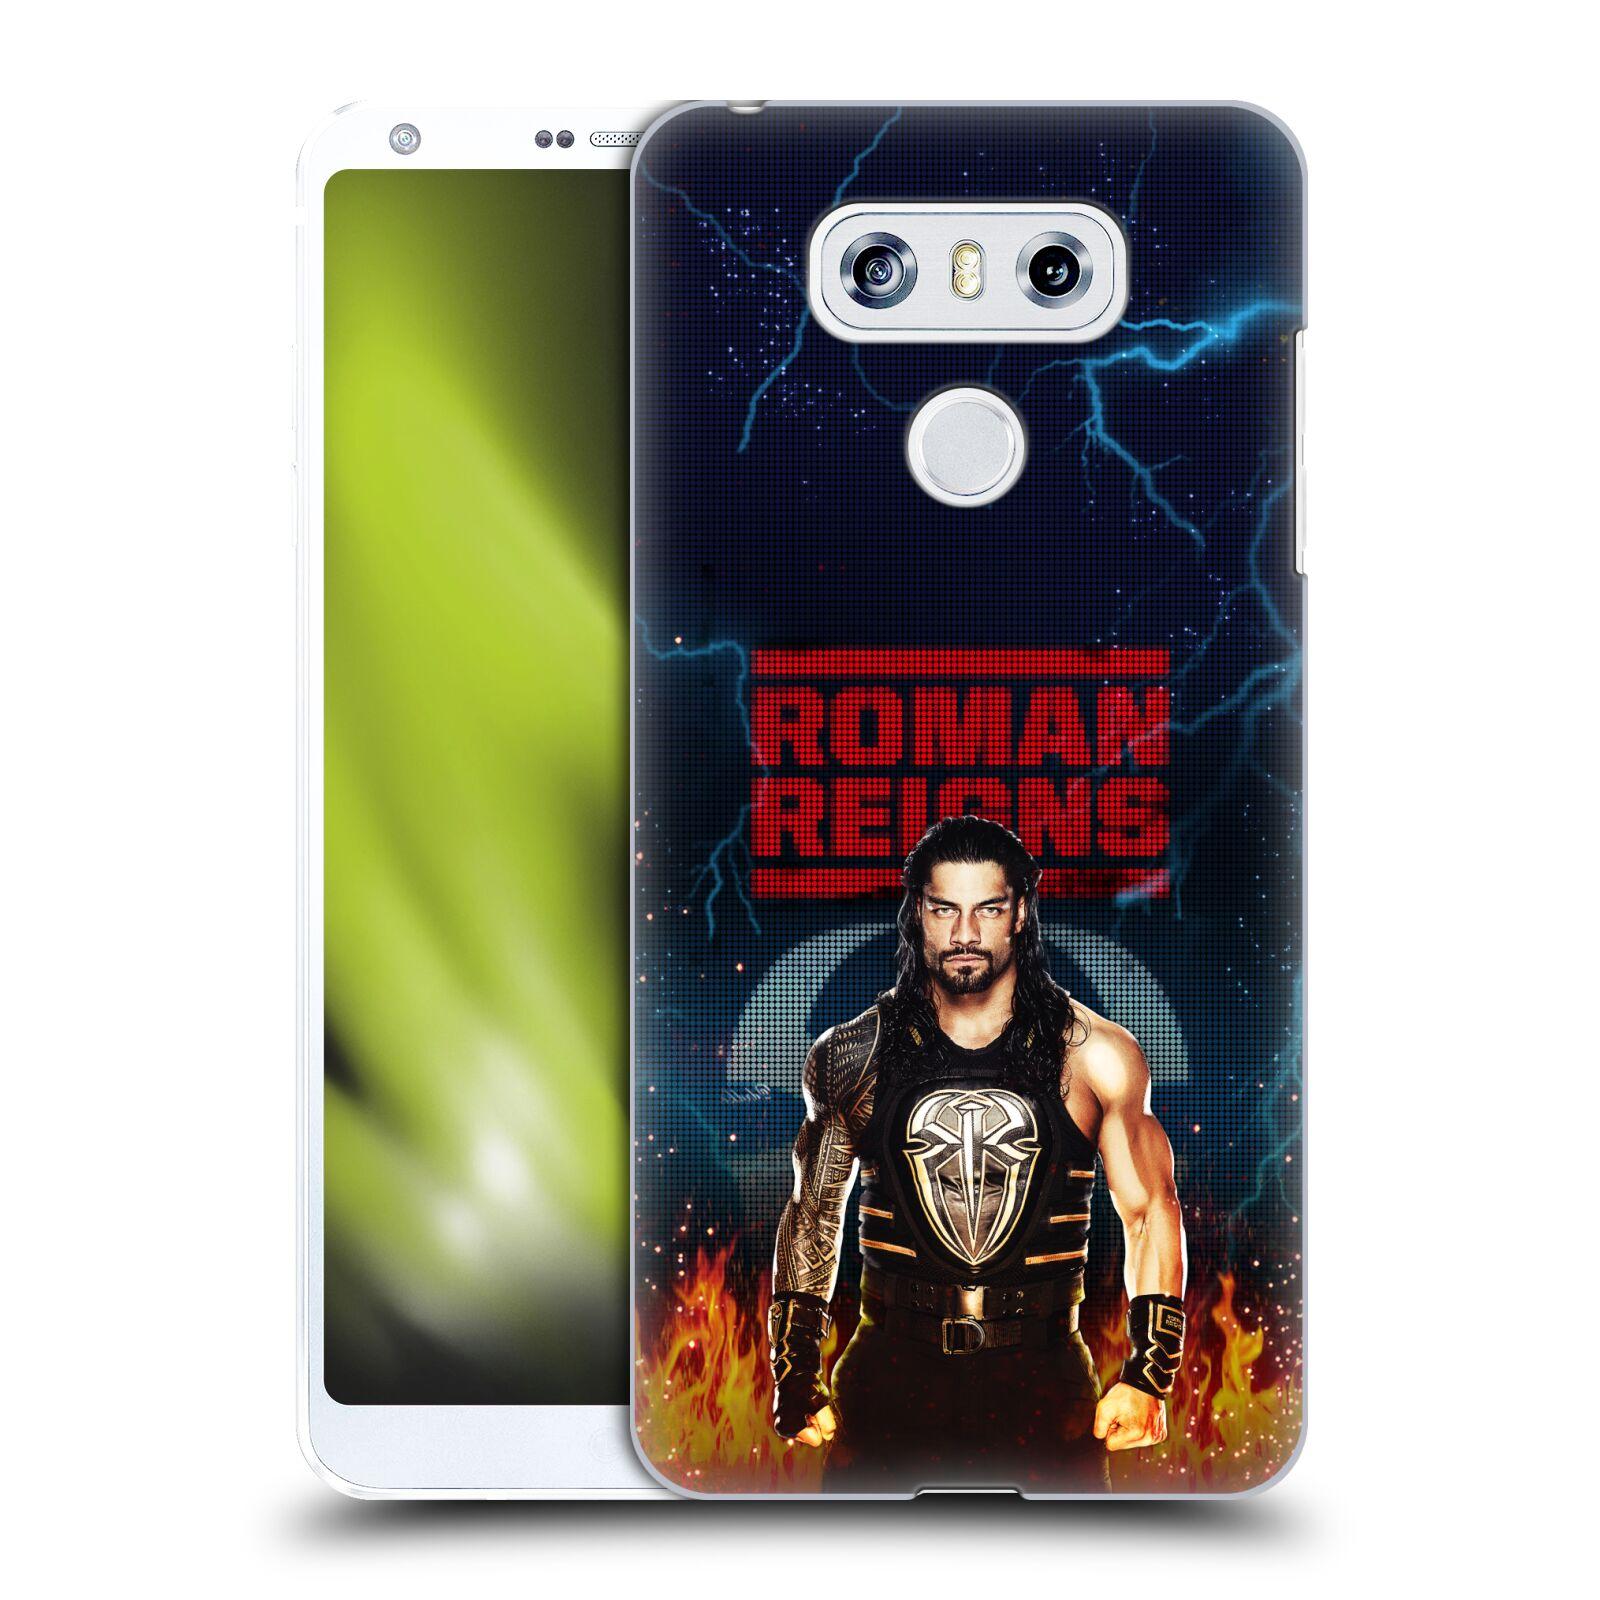 UFFICIALE-WWE-2017-REGNI-ROMANI-COVER-RETRO-RIGIDA-PER-LG-TELEFONI-1